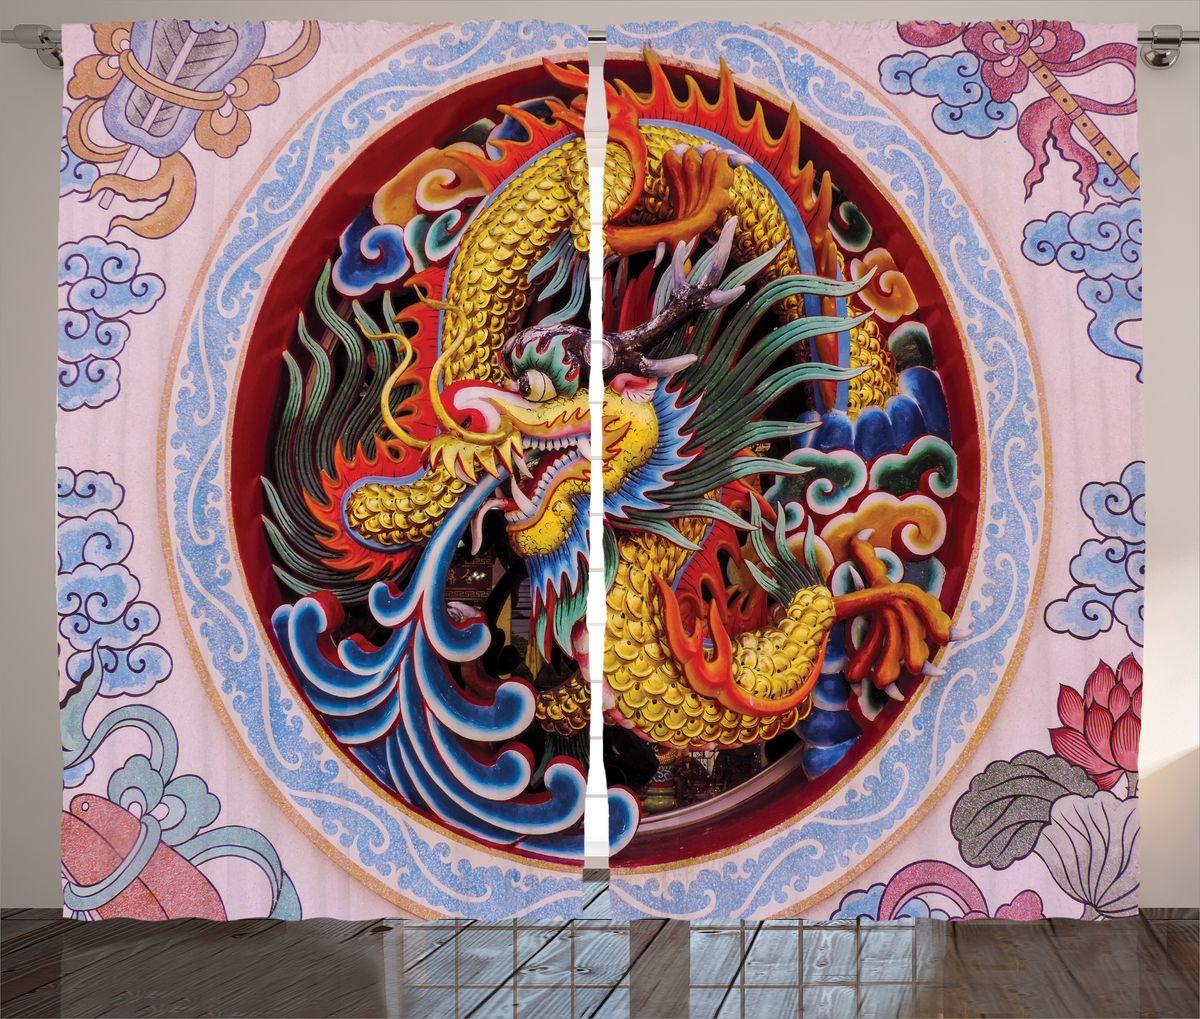 Комплект фотоштор Magic Lady Китайский дракон, на ленте, высота 265 см. шсг_1790721303Компания Сэмболь изготавливает шторы из высококачественного сатена (полиэстер 100%). При изготовлении используются специальные гипоаллергенные чернила для прямой печати по ткани, безопасные для человека и животных. Экологичность продукции Magic lady и безопасность для окружающей среды подтверждены сертификатом Oeko-Tex Standard 100. Крепление: крючки для крепления на шторной ленте (50 шт). Возможно крепление на трубу. Внимание! При нанесении сублимационной печати на ткань технологическим методом при температуре 240°С, возможно отклонение полученных размеров (указанных на этикетке и сайте) от стандартных на + - 3-5 см. Производитель старается максимально точно передать цвета изделия на фотографиях, однако искажения неизбежны и фактический цвет изделия может отличаться от воспринимаемого по фото. Обратите внимание! Шторы изготовлены из полиэстра сатенового переплетения, а не из сатина (хлопок). Размер одного полотна шторы: 145х265 см. В комплекте 2 полотна шторы и 50 крючков.